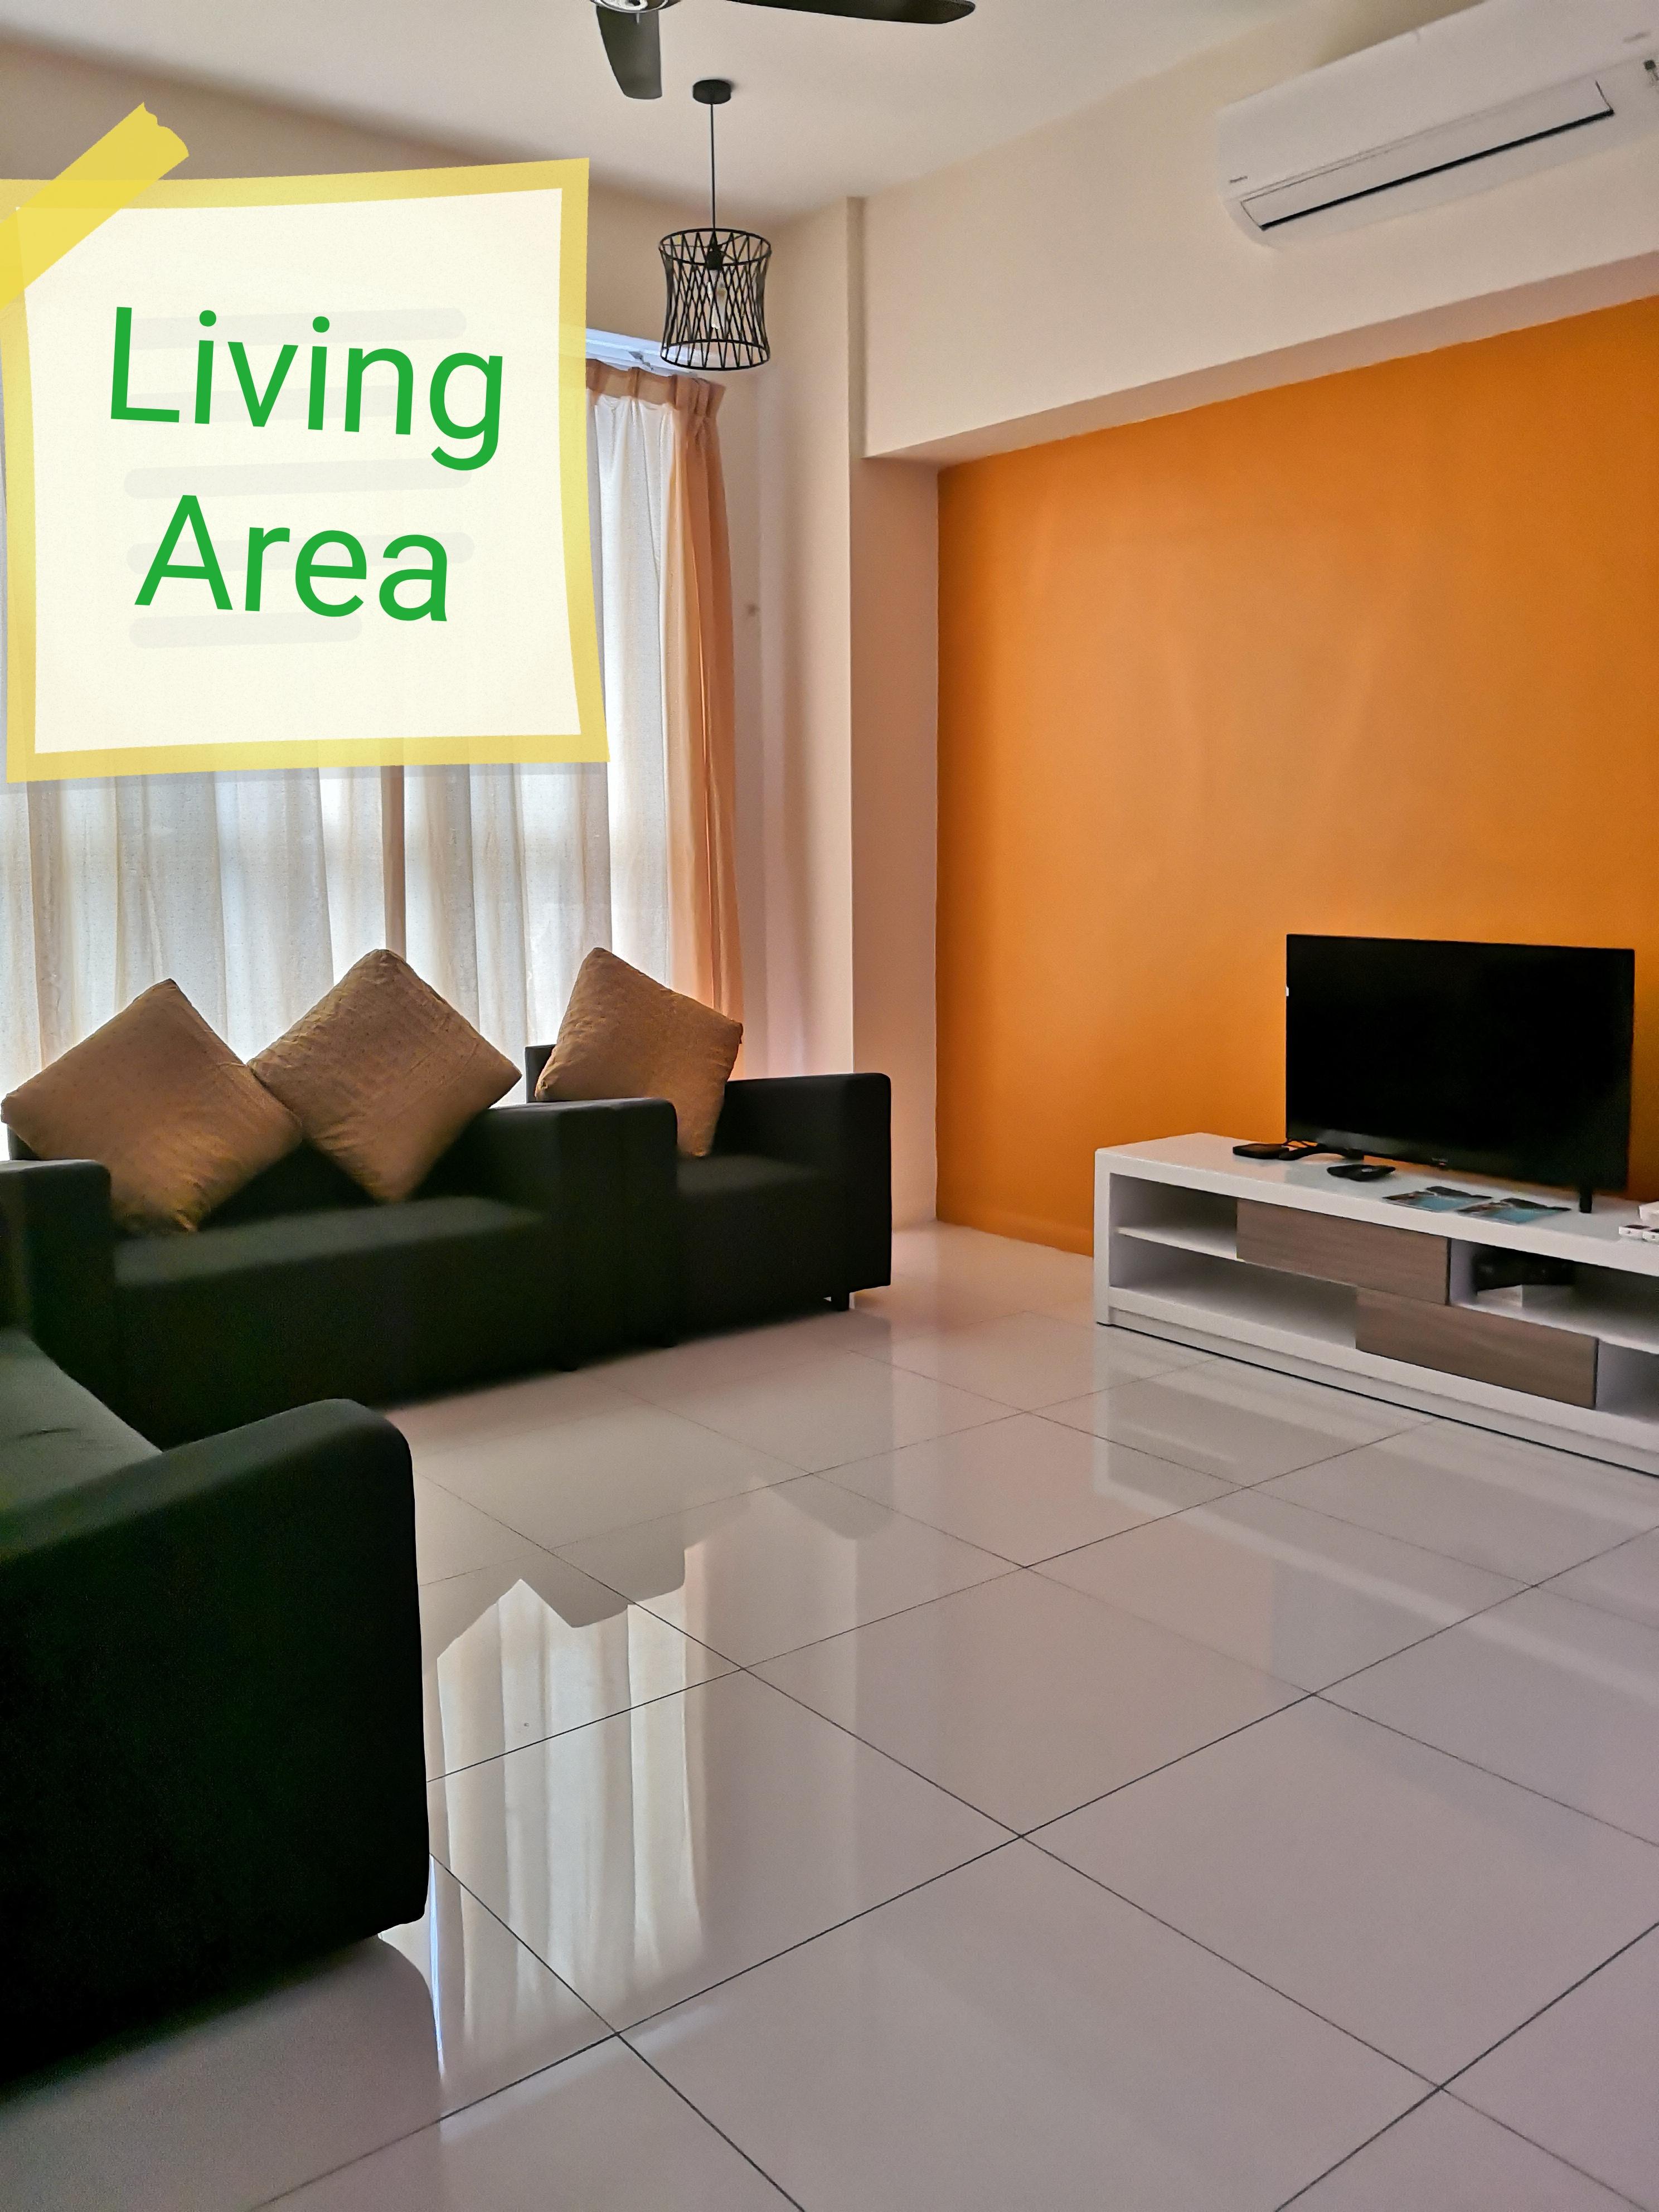 Gemtliche Wohnung mit 2 Schlafzimmern im Sutera Avenue Kk Center Unterkunft bis zu 6 Personen